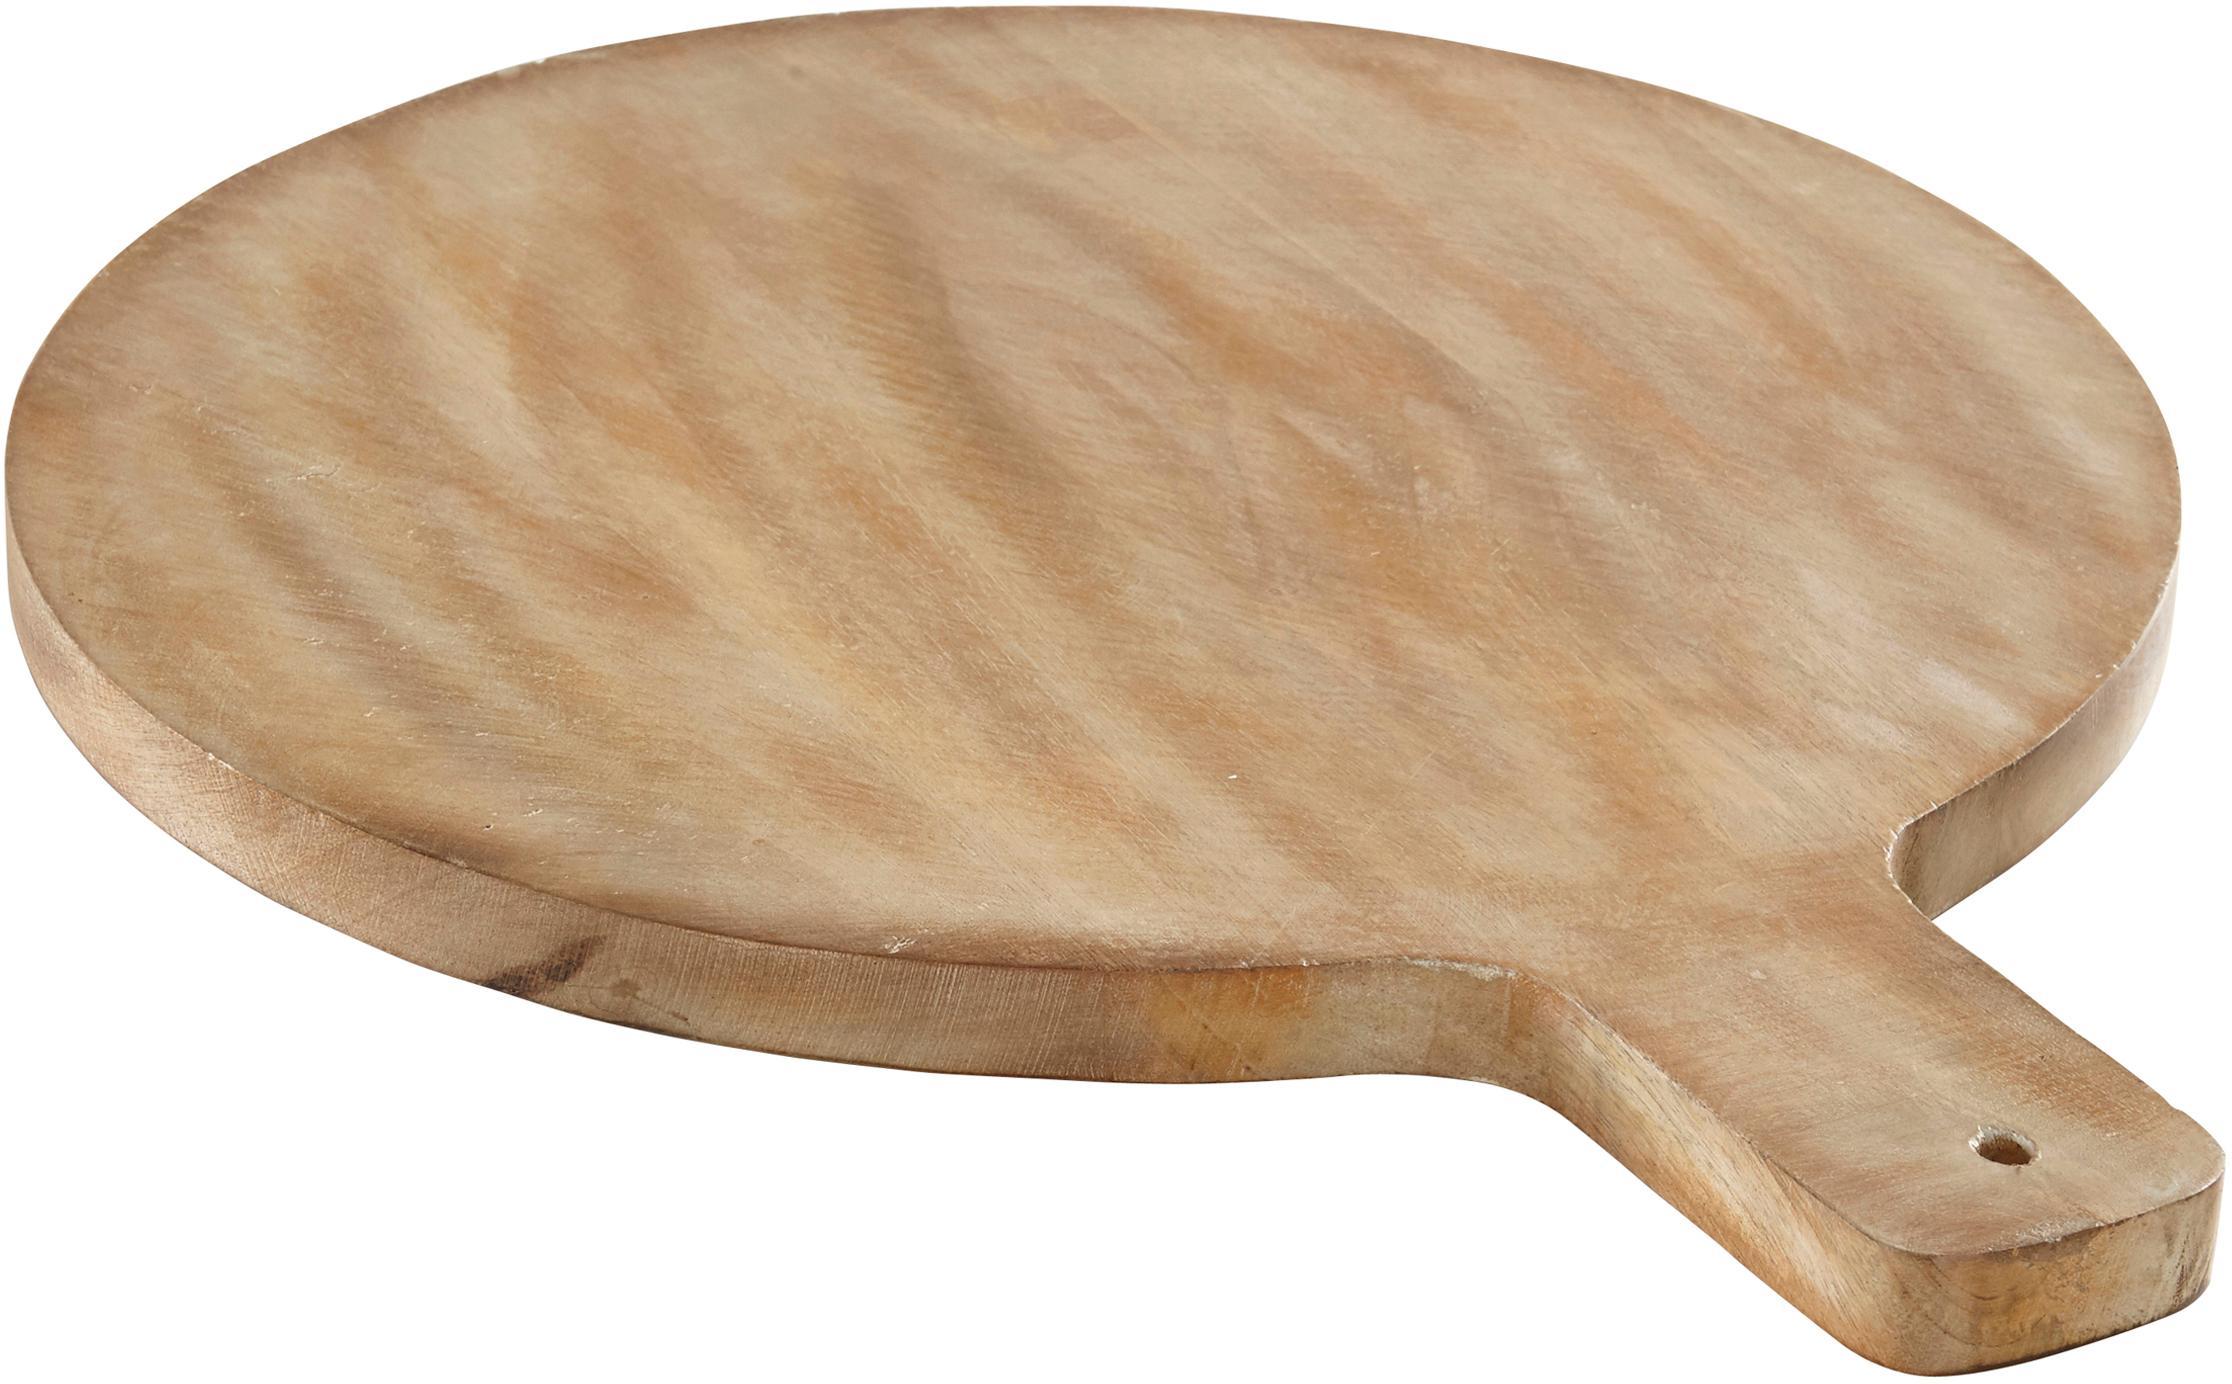 Deska do krojenia Melker, Drewno akacjowe, Drewno akacjowe, S 58 x G 46 cm